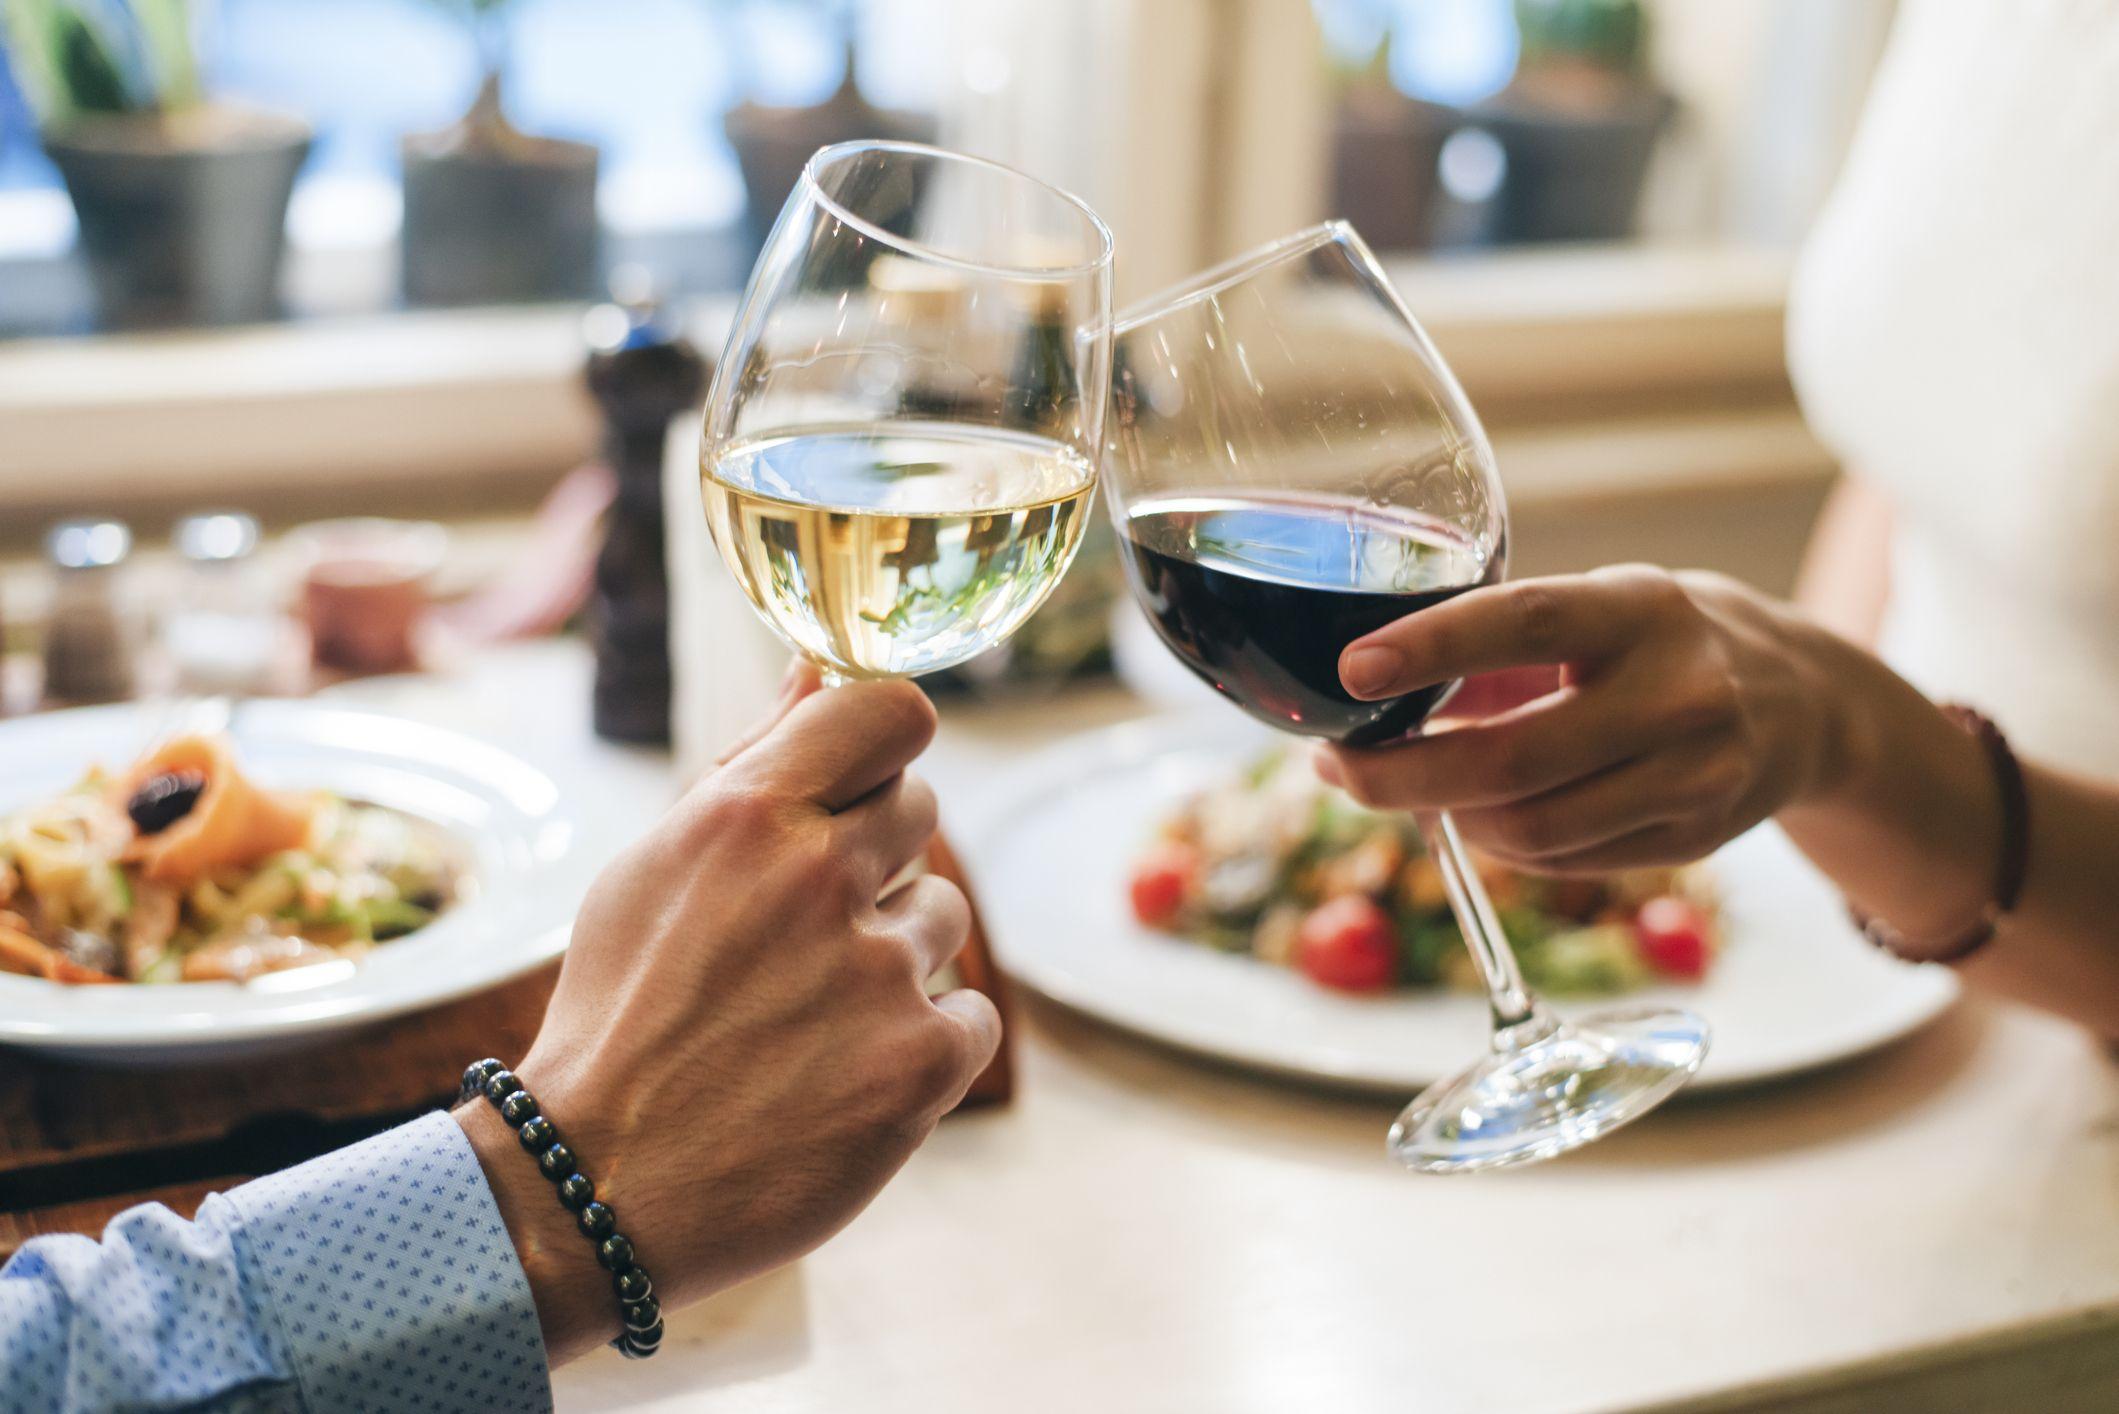 5 cách kết hợp món ăn và rượu vang một cách hoàn hảo - 2